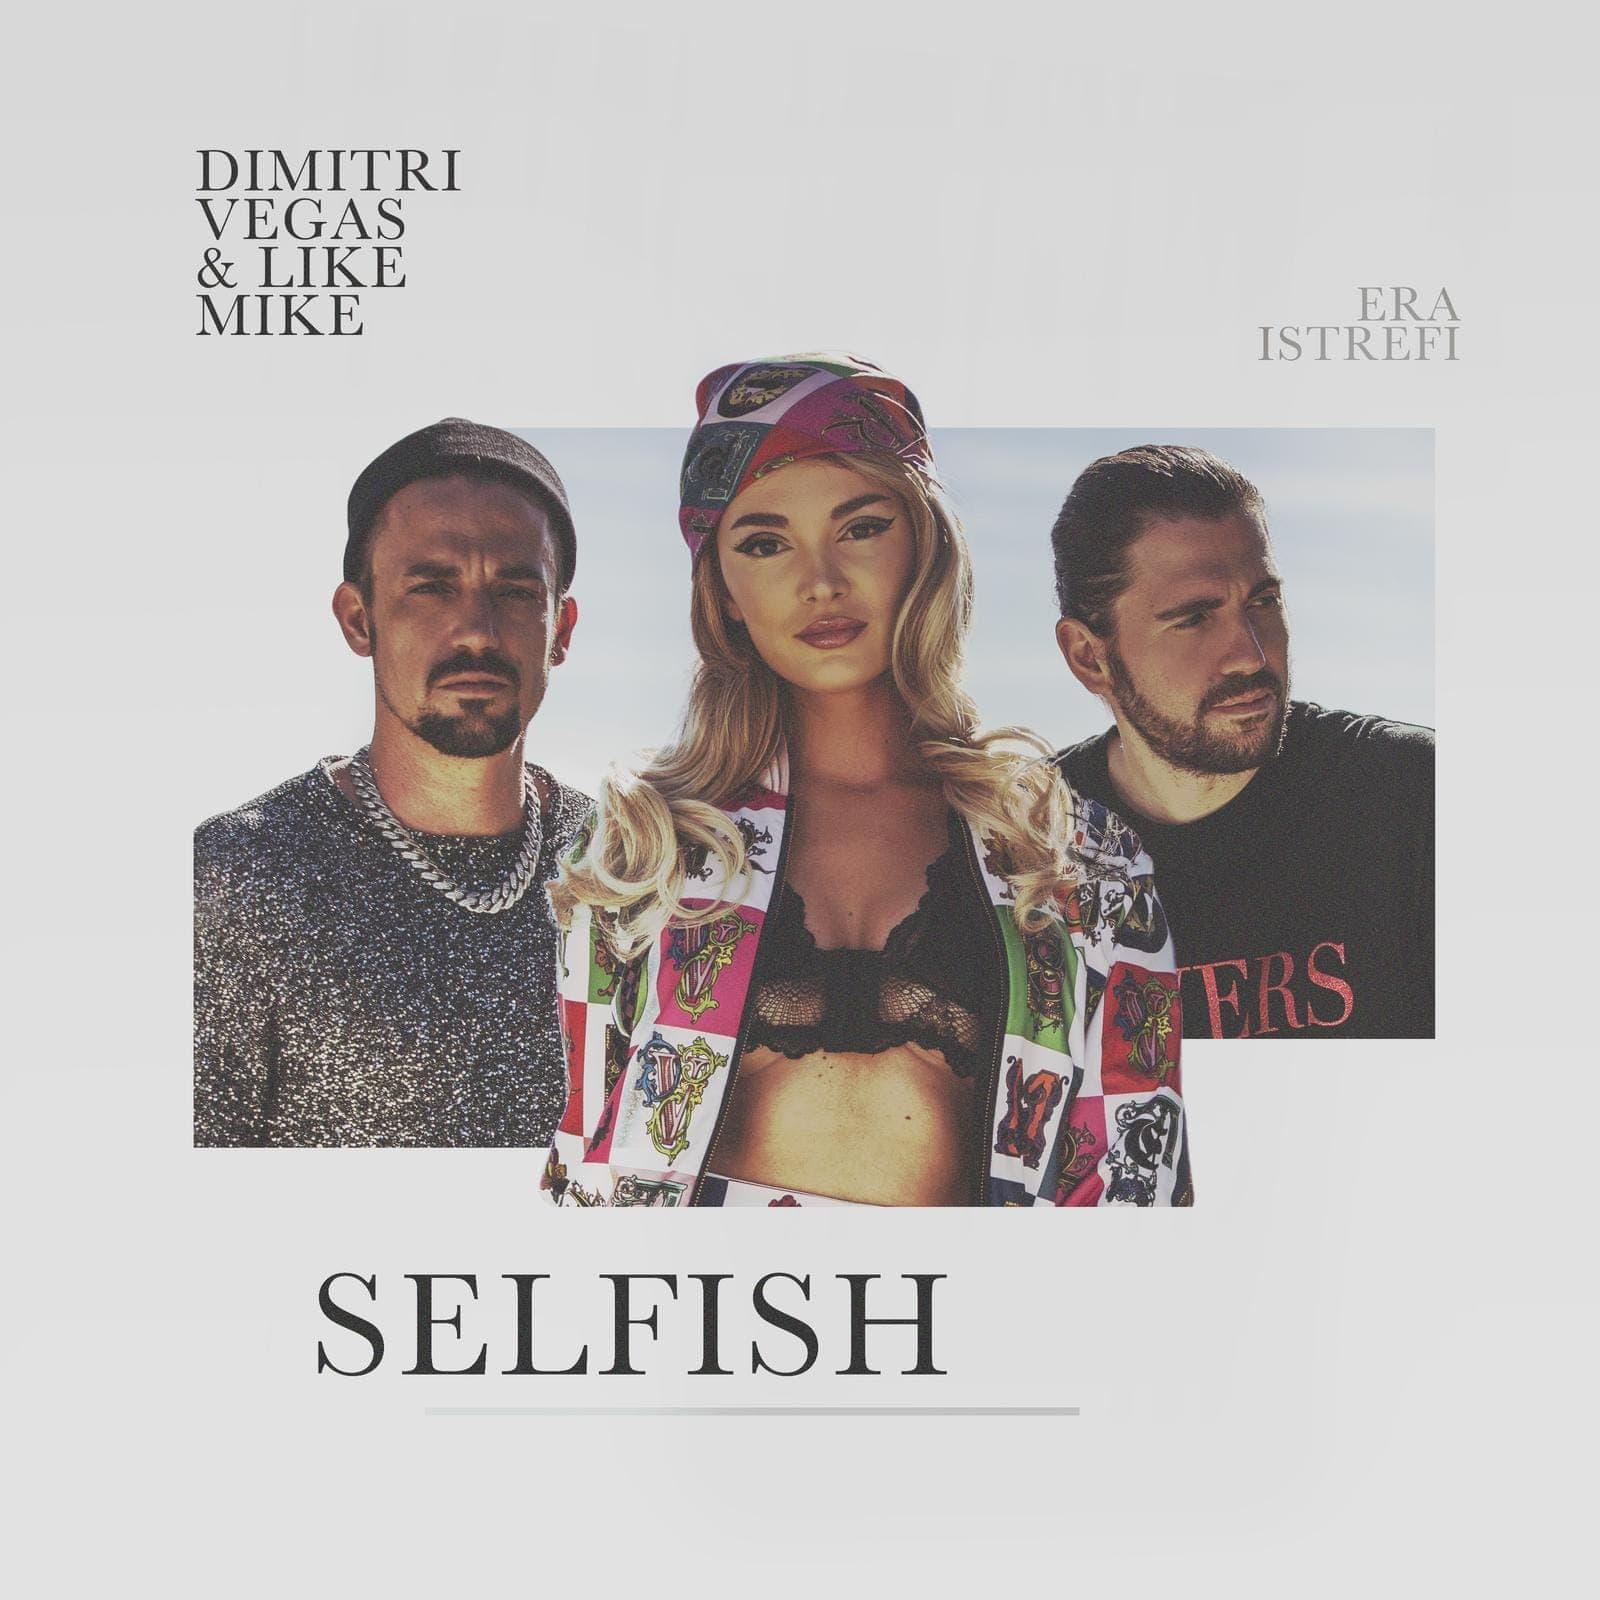 Selfish - Dimitri Vegas